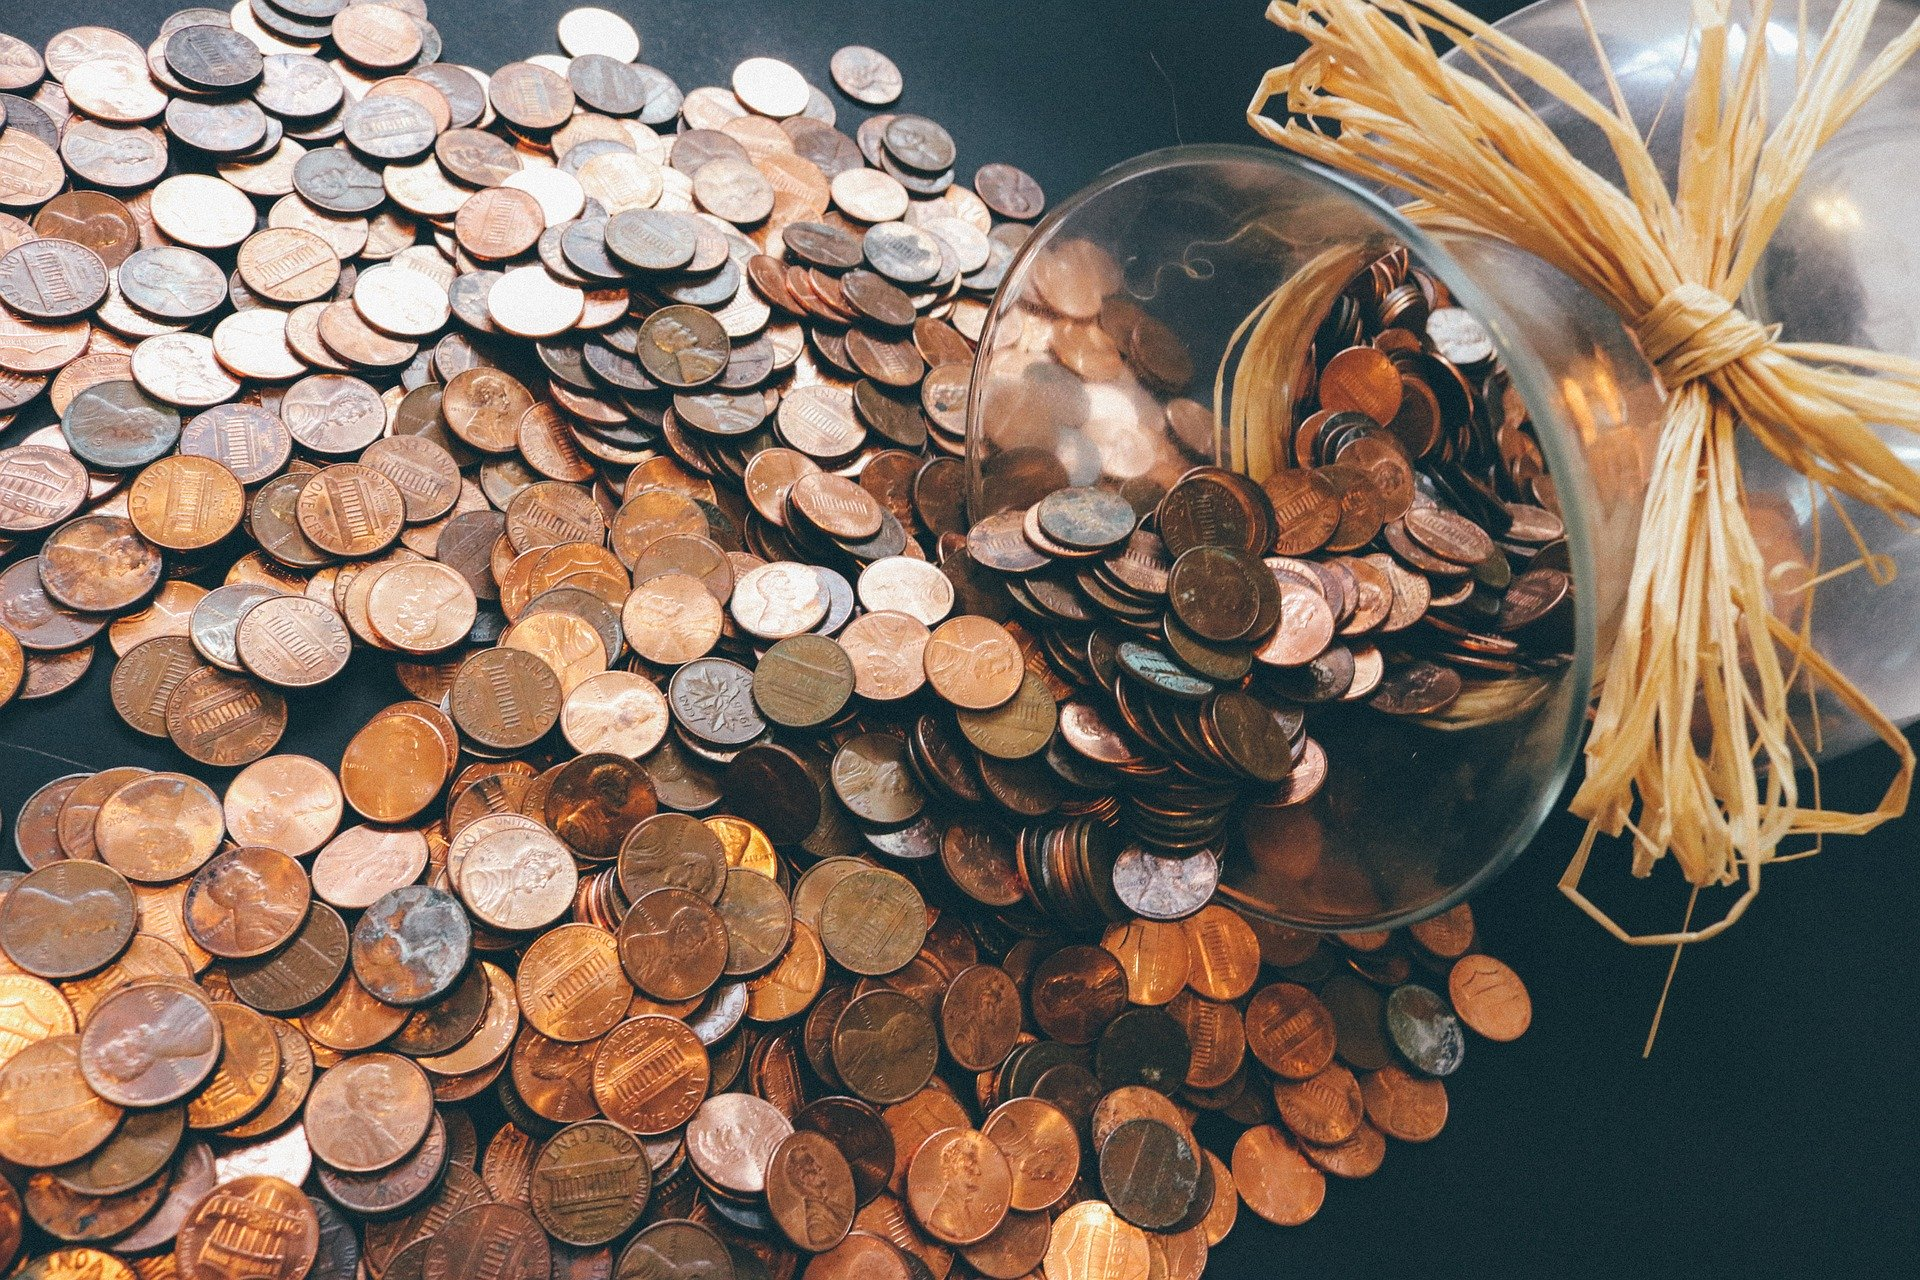 væltet glas med mønter